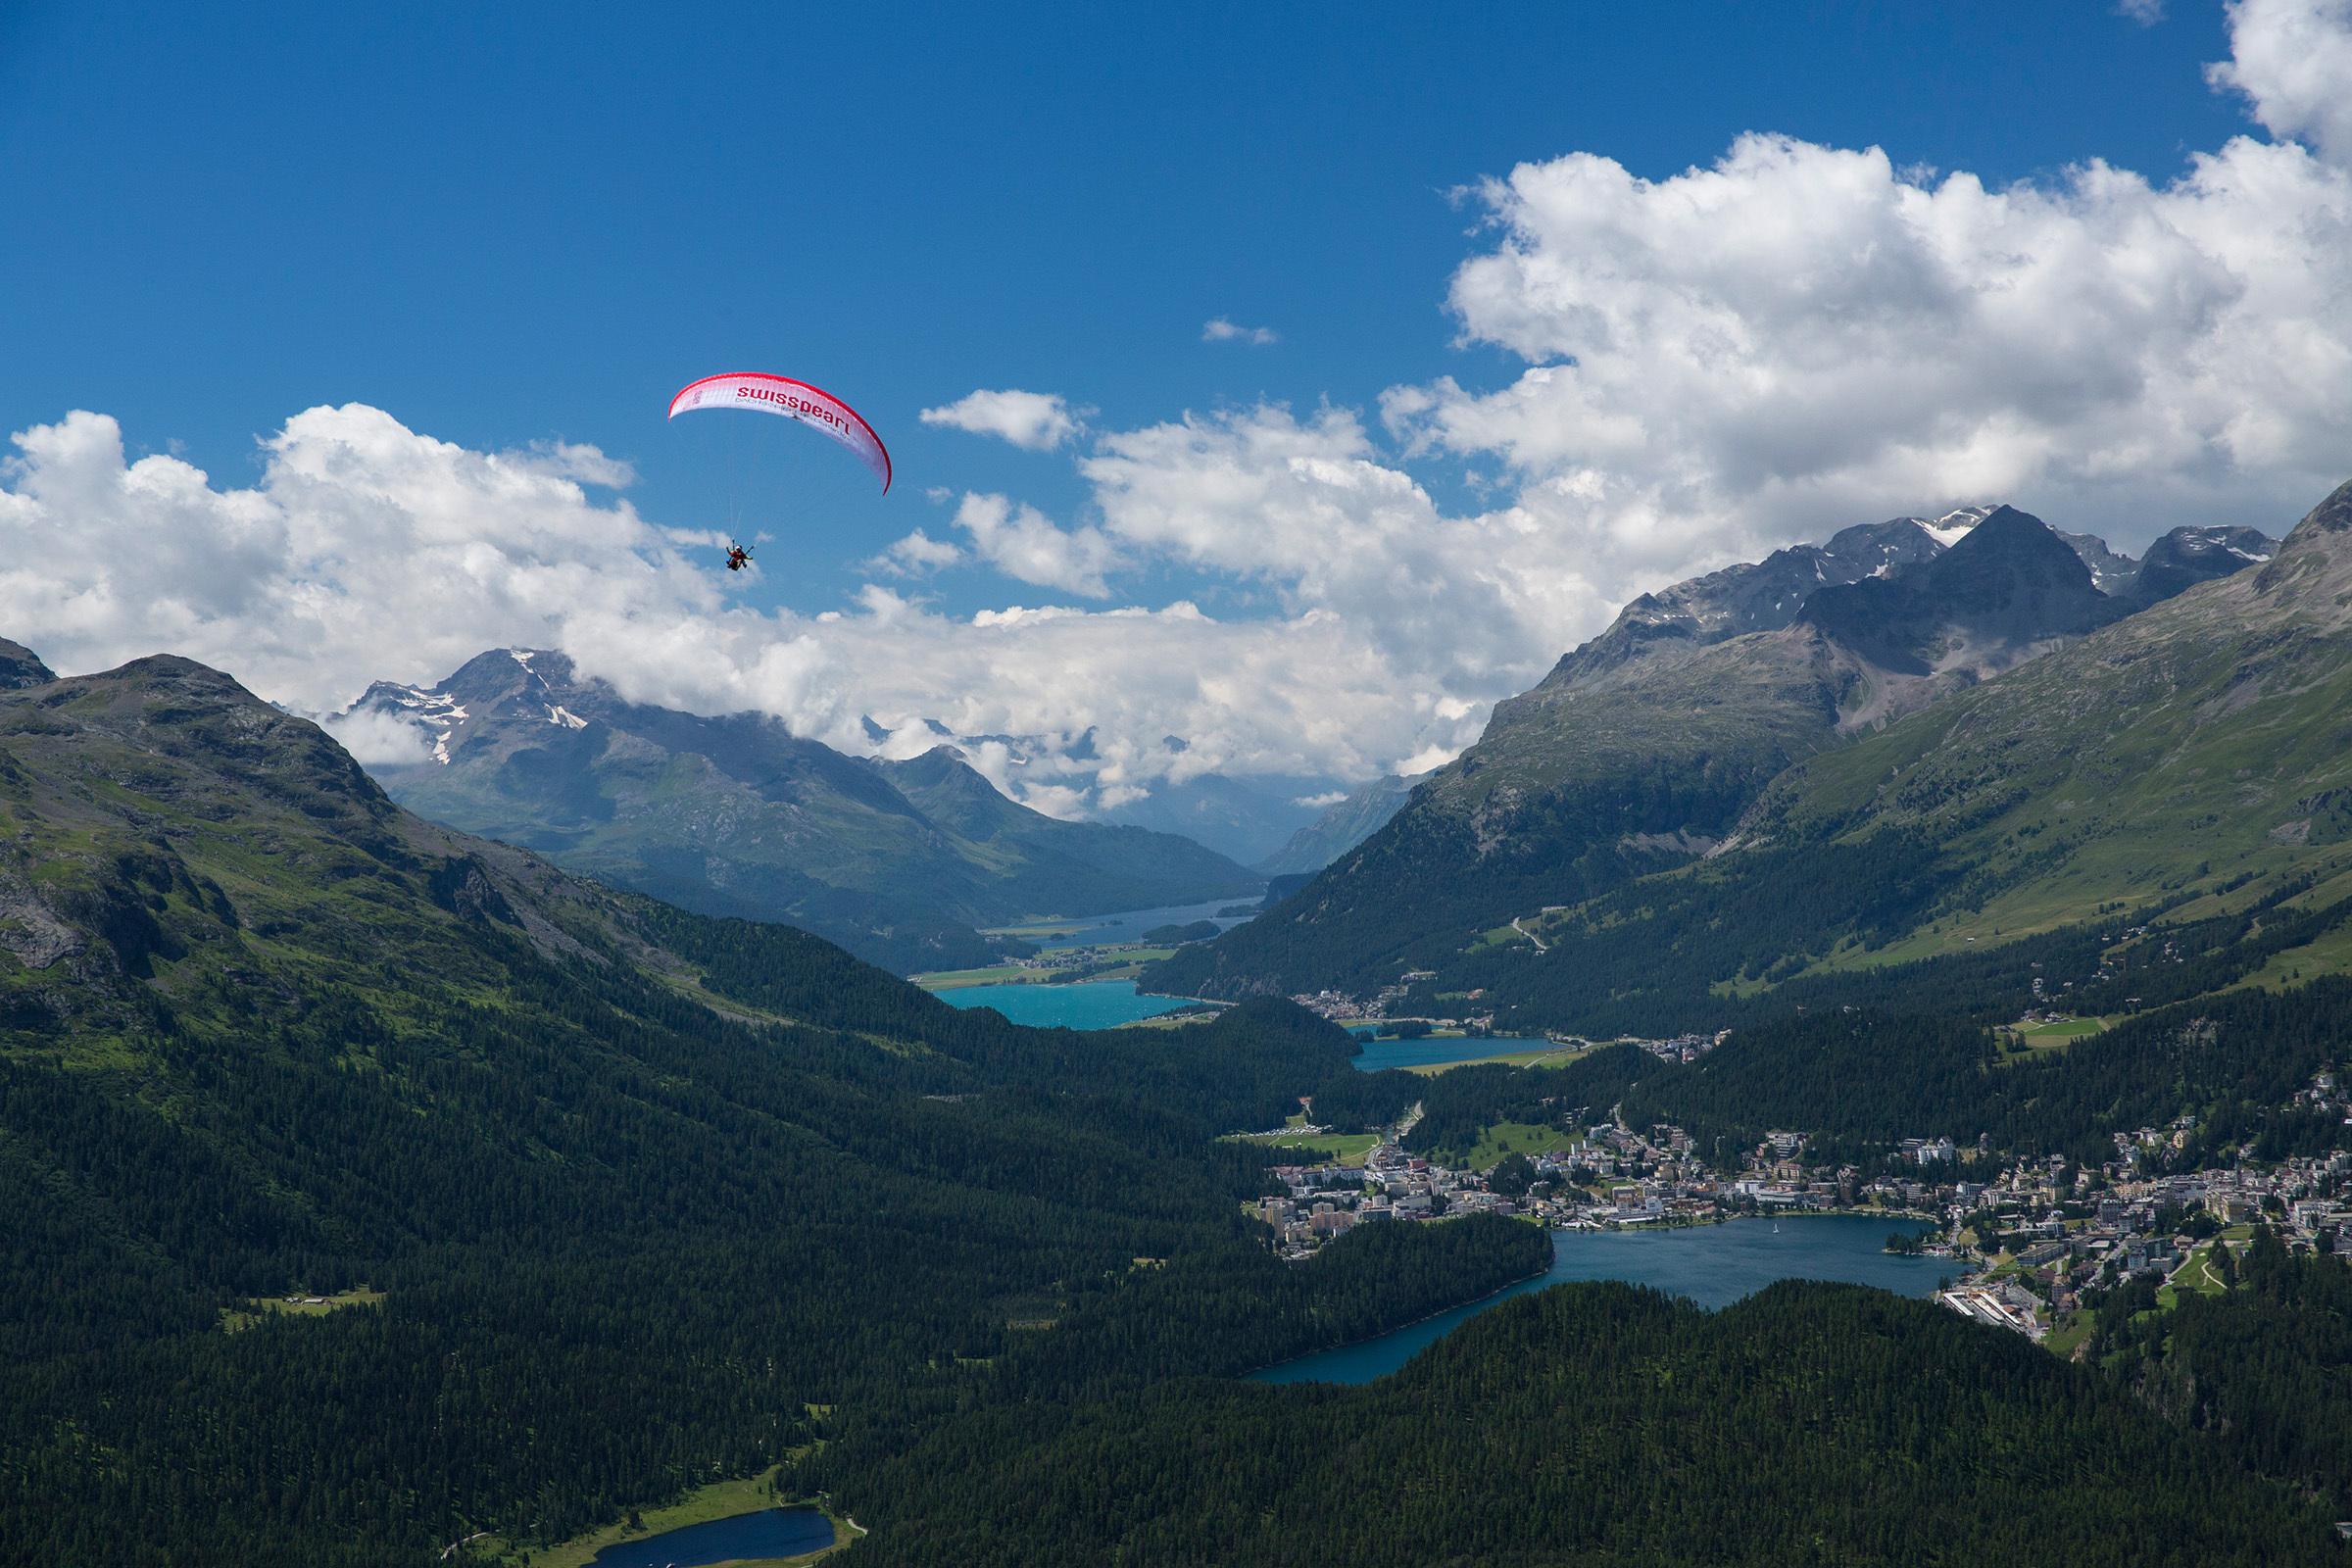 Tandem hang-gliding flights